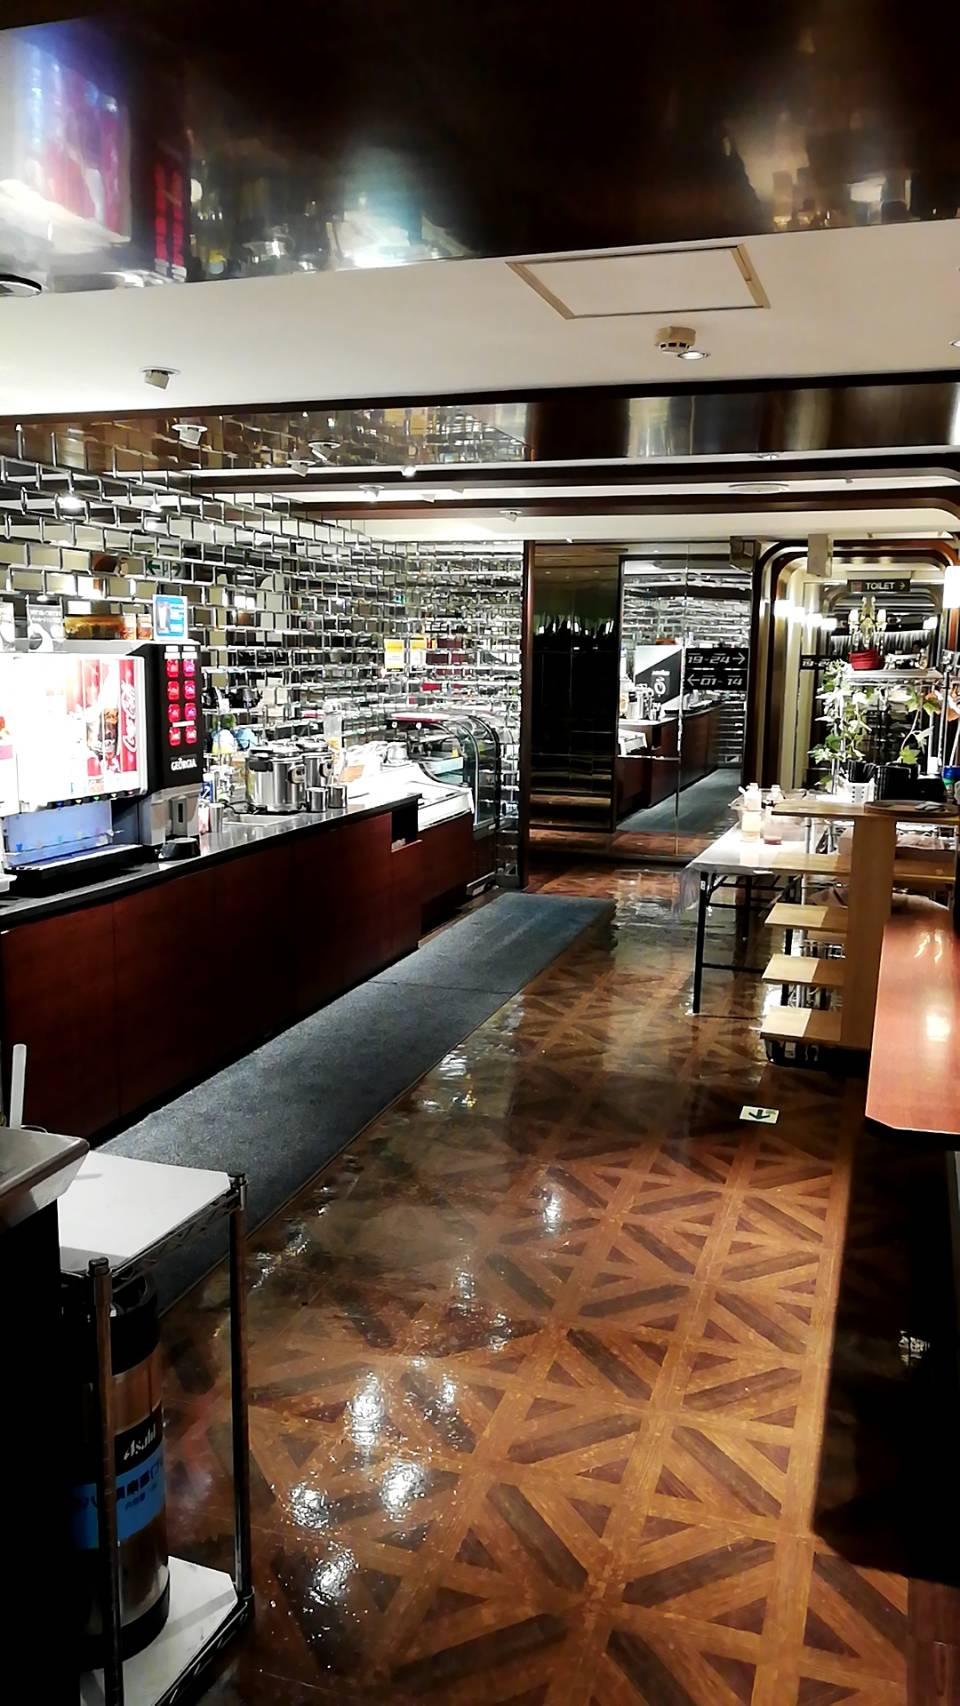 カラオケZero4 西中島店(大阪市)